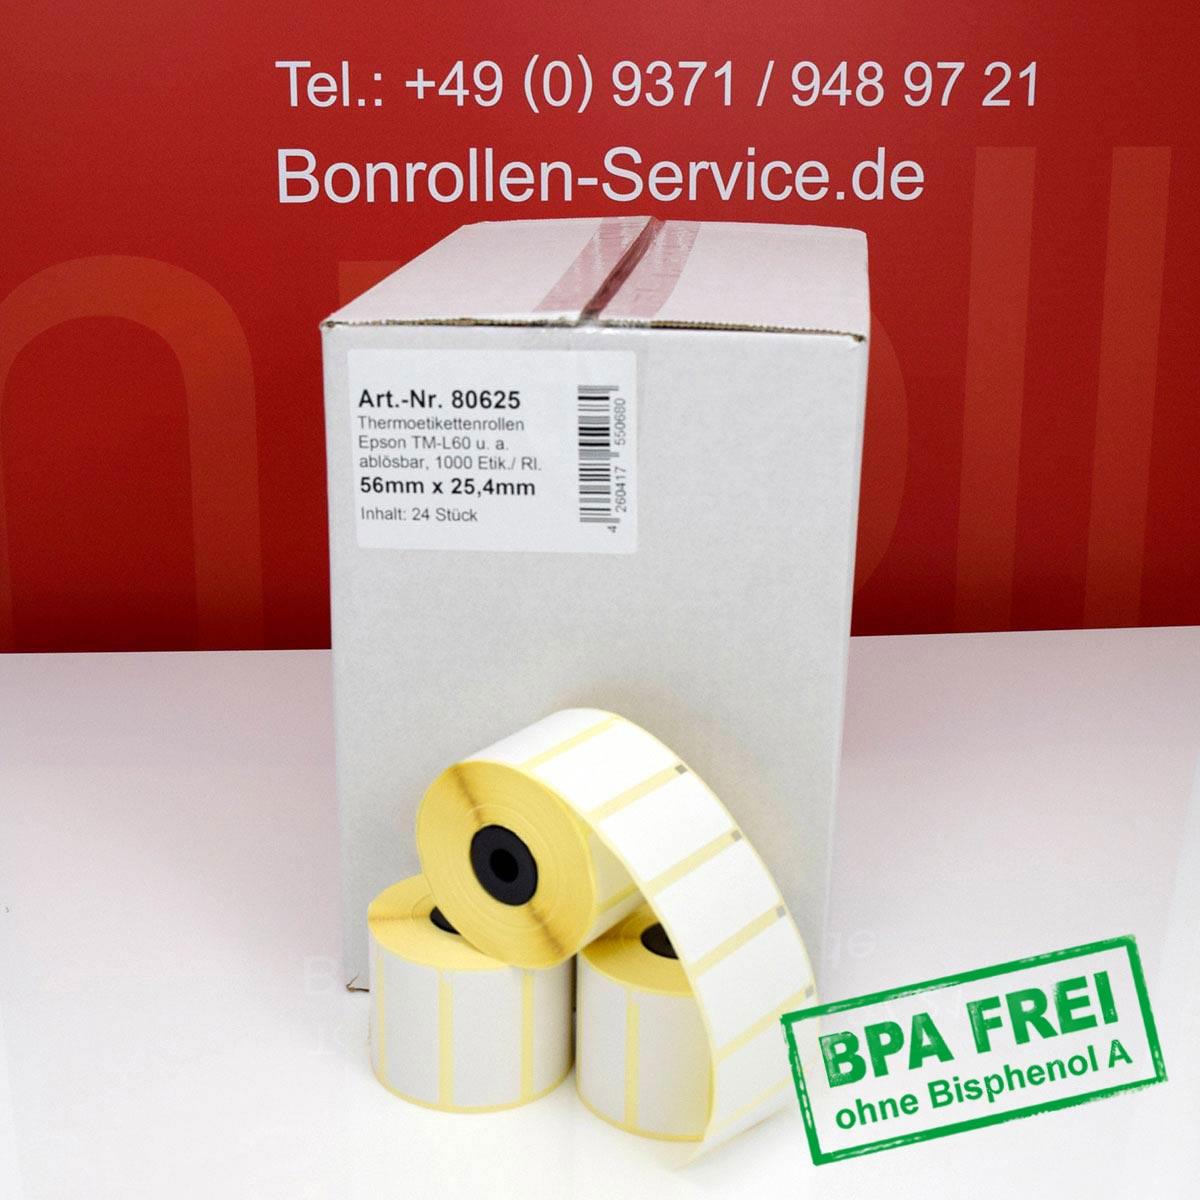 Thermorollen-Etiketten ohne BPA 56 x 25,4 mm, ablösbar klebend